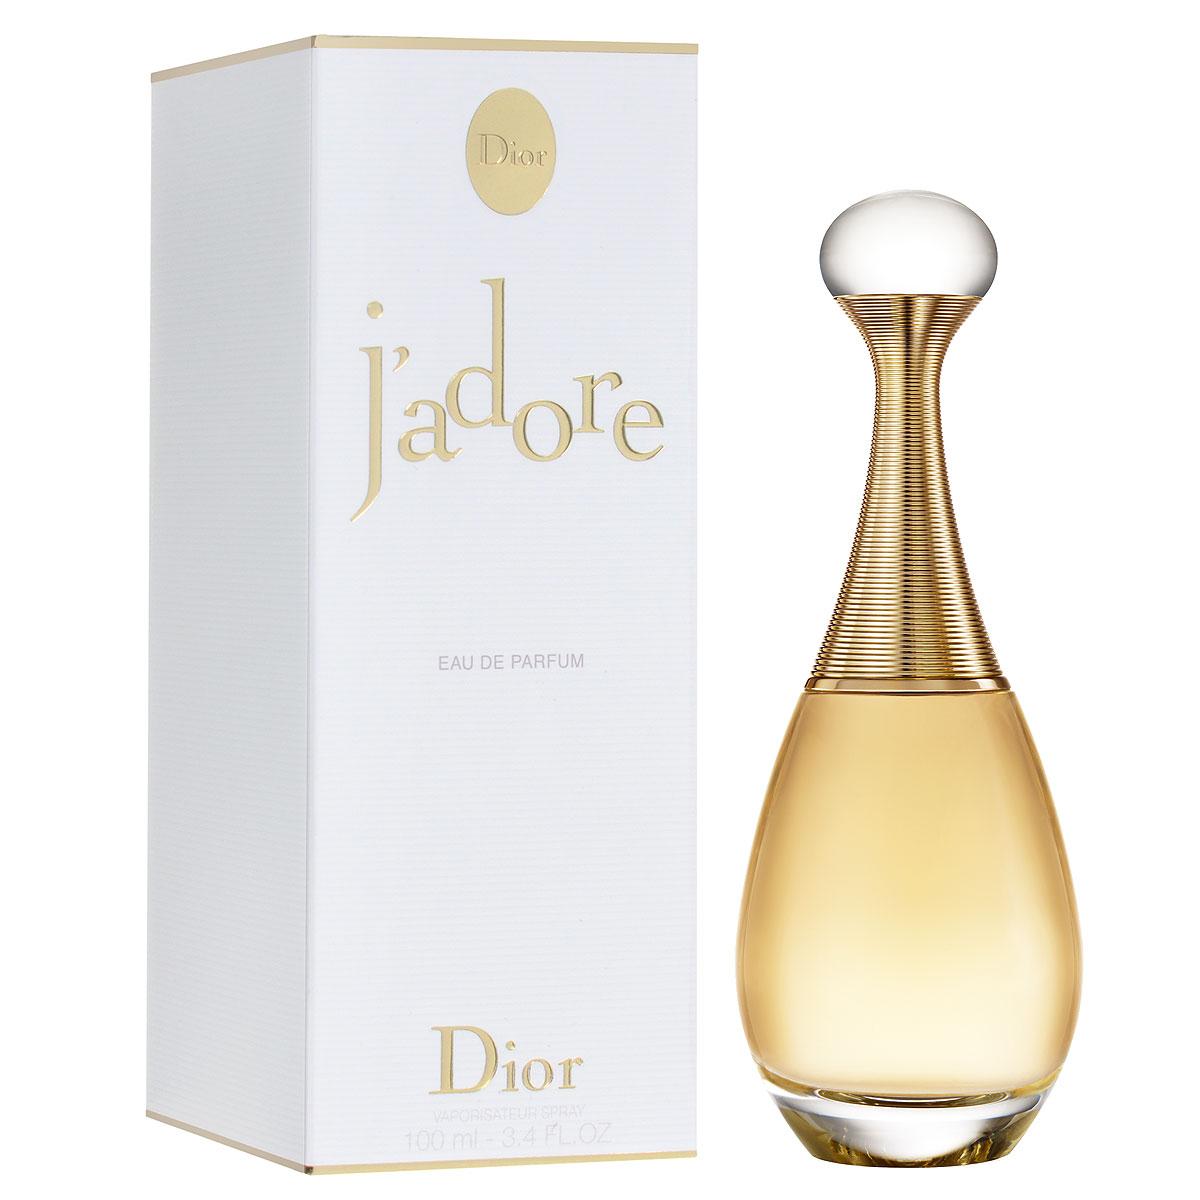 Christian Dior Парфюмерная вода JAdore, женская, 100 мл5010777139655Christian Dior Jadore - абсолютная женственность. Величественный и таинственный аромат. Christian Dior Jadore - чувственный цветочный аромат, передающий радость жизни, открывающий суть женственности. Эссенция бергамота добавляет аромату сладостную свежесть и особую вибрацию цитрусовых нот. Черная роза - основной компонент палитры парфюмера - сердечная нота аромата парфюмерной воды Jadore. Являясь символом женственности, жасмин один из наиболее часто используемых цветов в парфюмерии. Деликатный и нежный он является ароматом сам по себе. Жасмин - это базовая нота аромата парфюмерной воды JAdore.Классификация аромата: фруктовый, цветочный.Верхние ноты: бергамот, персик, дыня, груша.Ноты сердца:черная роза, фиалка, ландыш, фрезия.Ноты шлейфа:жасмин, ваниль, кедр, мускус, сандал.Ключевые слова:Женственный, нежный, сладкий, теплый! Самый популярный вид парфюмерной продукции на сегодняшний день - парфюмерная вода. Это объясняется оптимальным балансом цены и качества - с одной стороны, достаточно высокая концентрация экстракта (10-20% при 90% спирте), с другой - более доступная, по сравнению с духами, цена. У многих фирм парфюмерная вода - самый высокий по концентрации экстракта вид товара, т.к. далеко не все производители считают нужным (или возможным) выпускать свои ароматы в виде духов. Как правило, парфюмерная вода всегда в спрее-пульверизаторе, что удобно для использования и транспортировки. Так что если духи по какой-либо причине приобрести нельзя, парфюмерная вода, безусловно, - самая лучшая им замена. Товар сертифицирован.